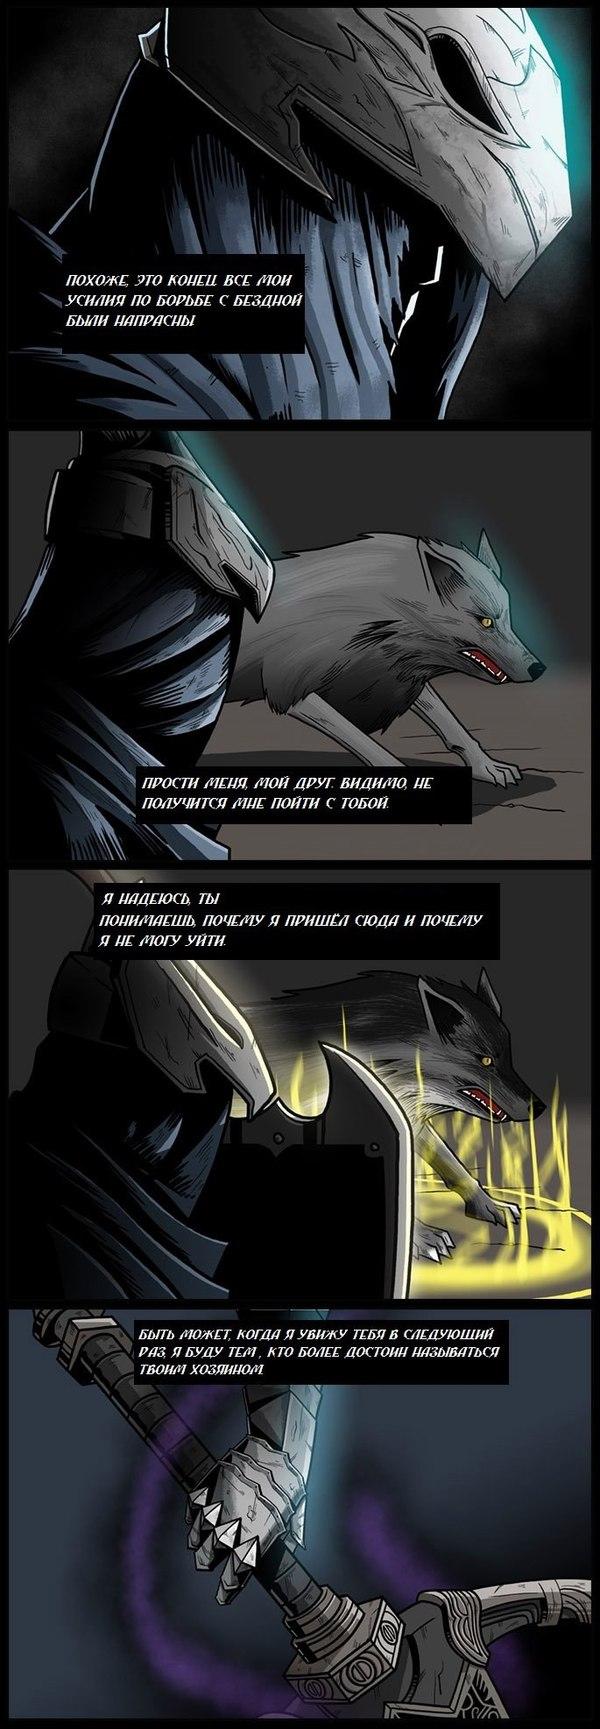 """""""Истинная безнадёжность Dark souls"""" Комиксы, Игры, Dark souls, Dorkly, Не мое, Длиннопост"""